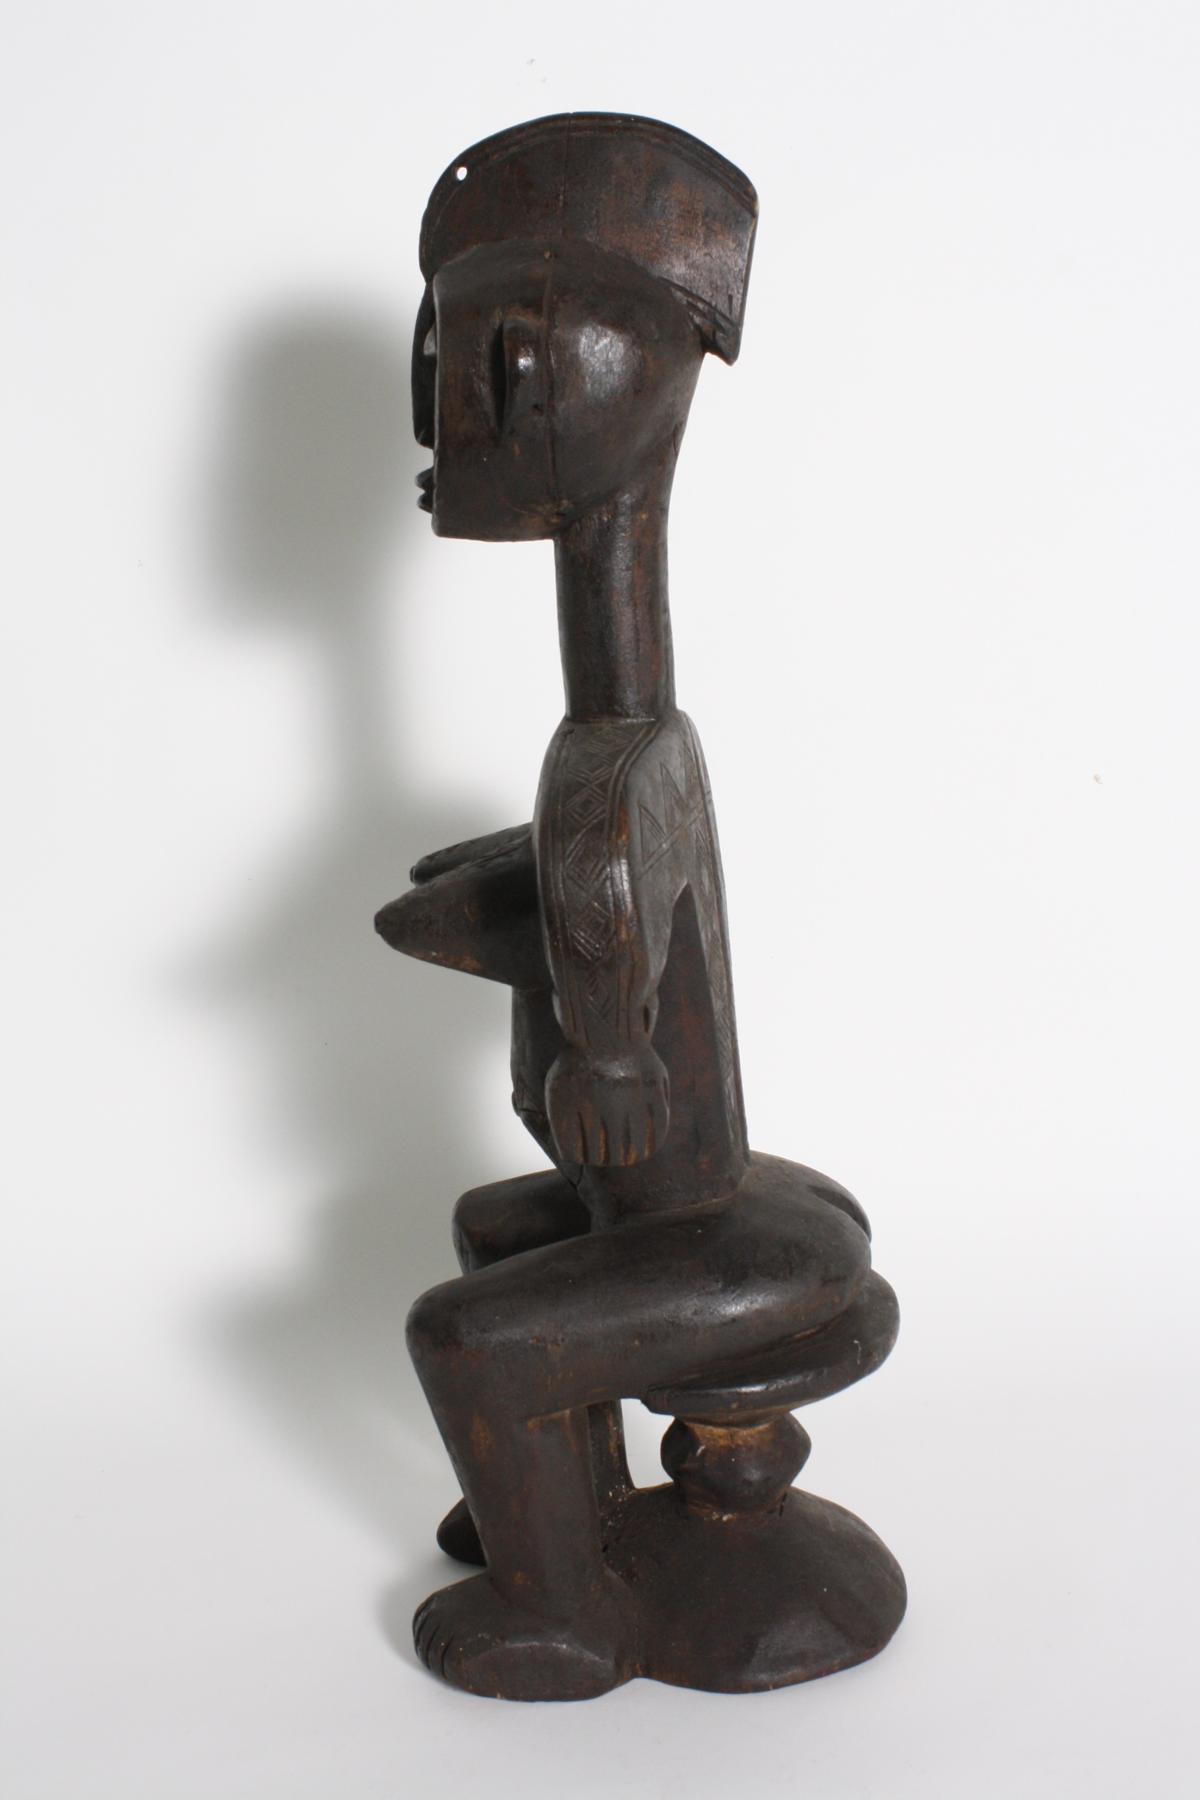 Sitzende weibliche Figur, Bambara, Mali, 1. Hälfte 20. Jh.-6